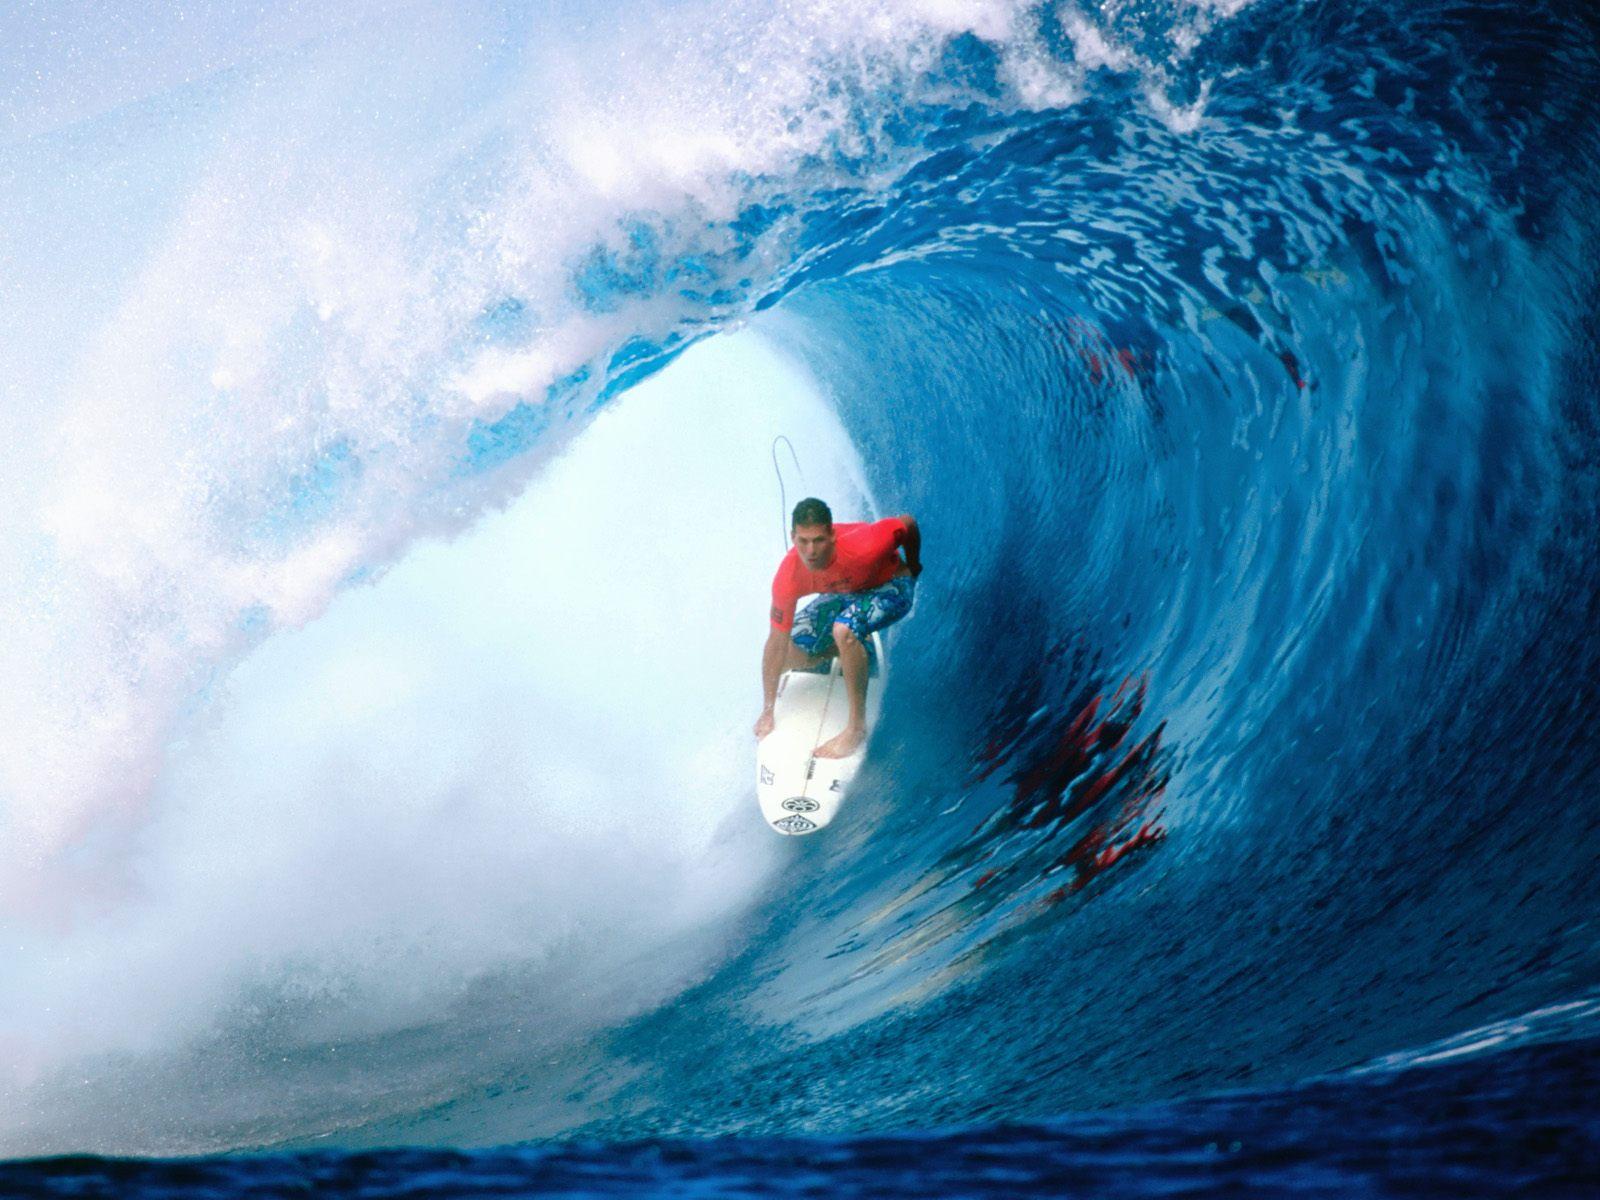 http://4.bp.blogspot.com/-BxQ5GF4GxVk/Tw7RGMKrZ4I/AAAAAAAABWw/uxBcNj0-T1k/s1600/Surfing+Wallpaper+6.jpg